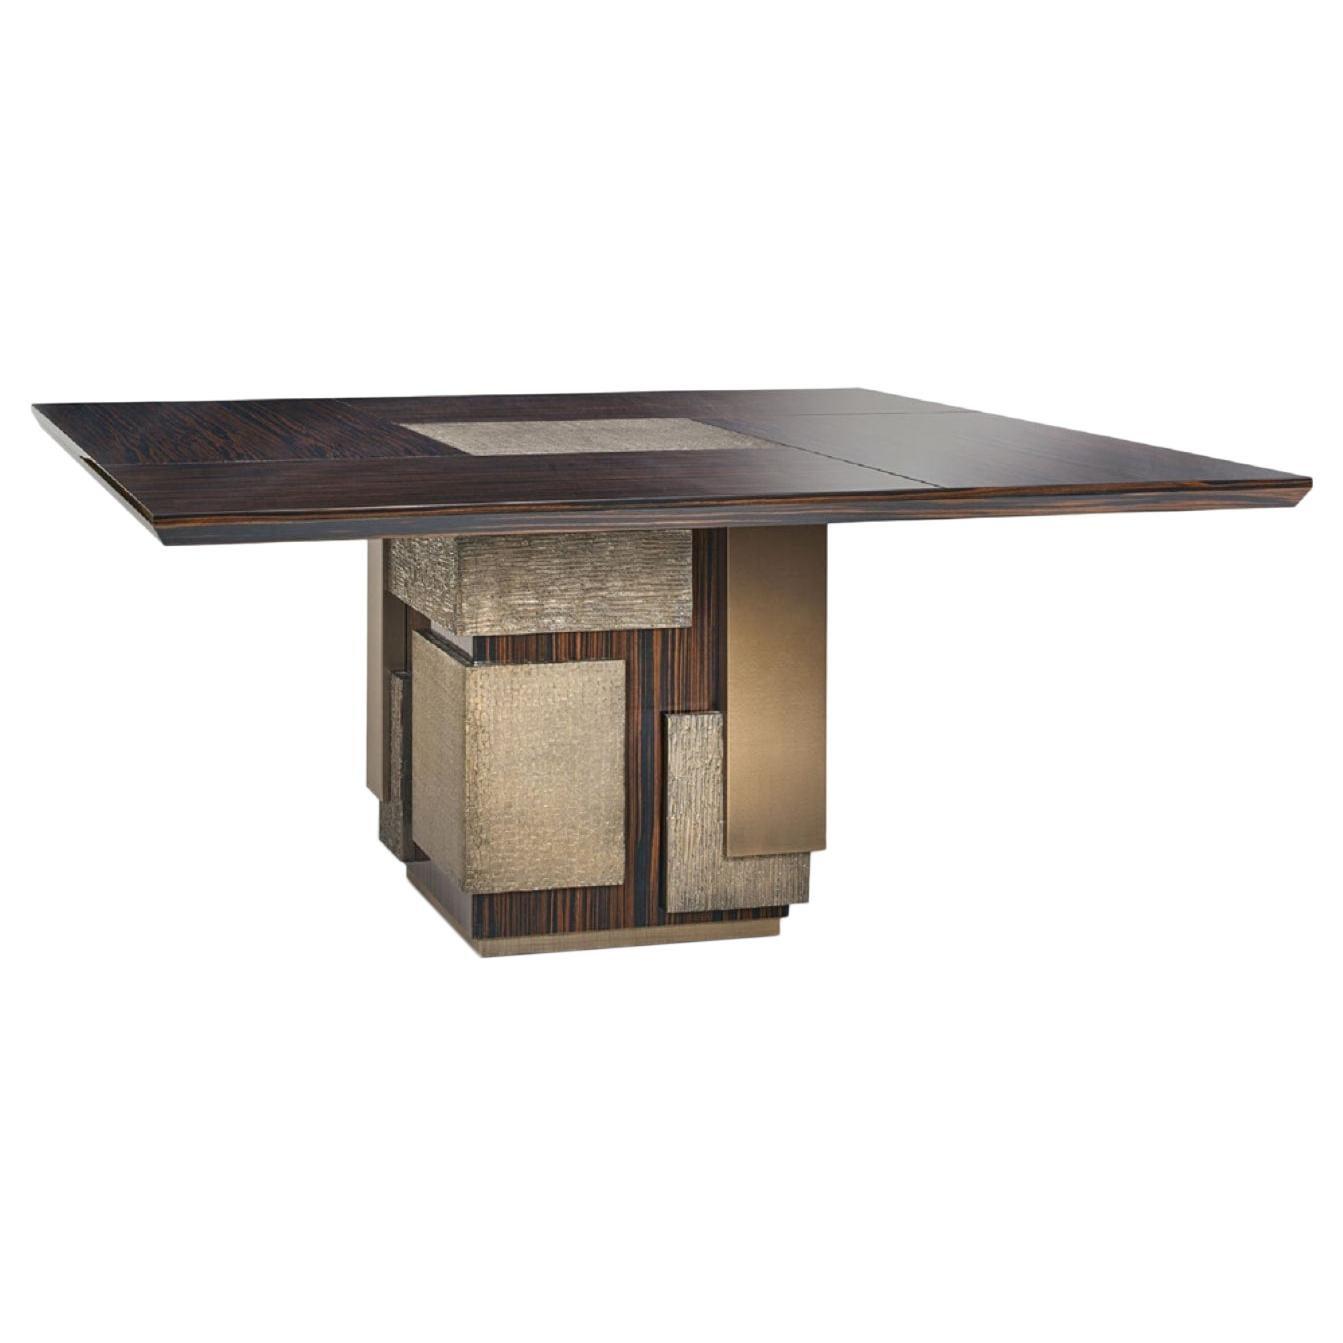 Amazing Table Base and Top Polished Ebony Finish Decorative Insert